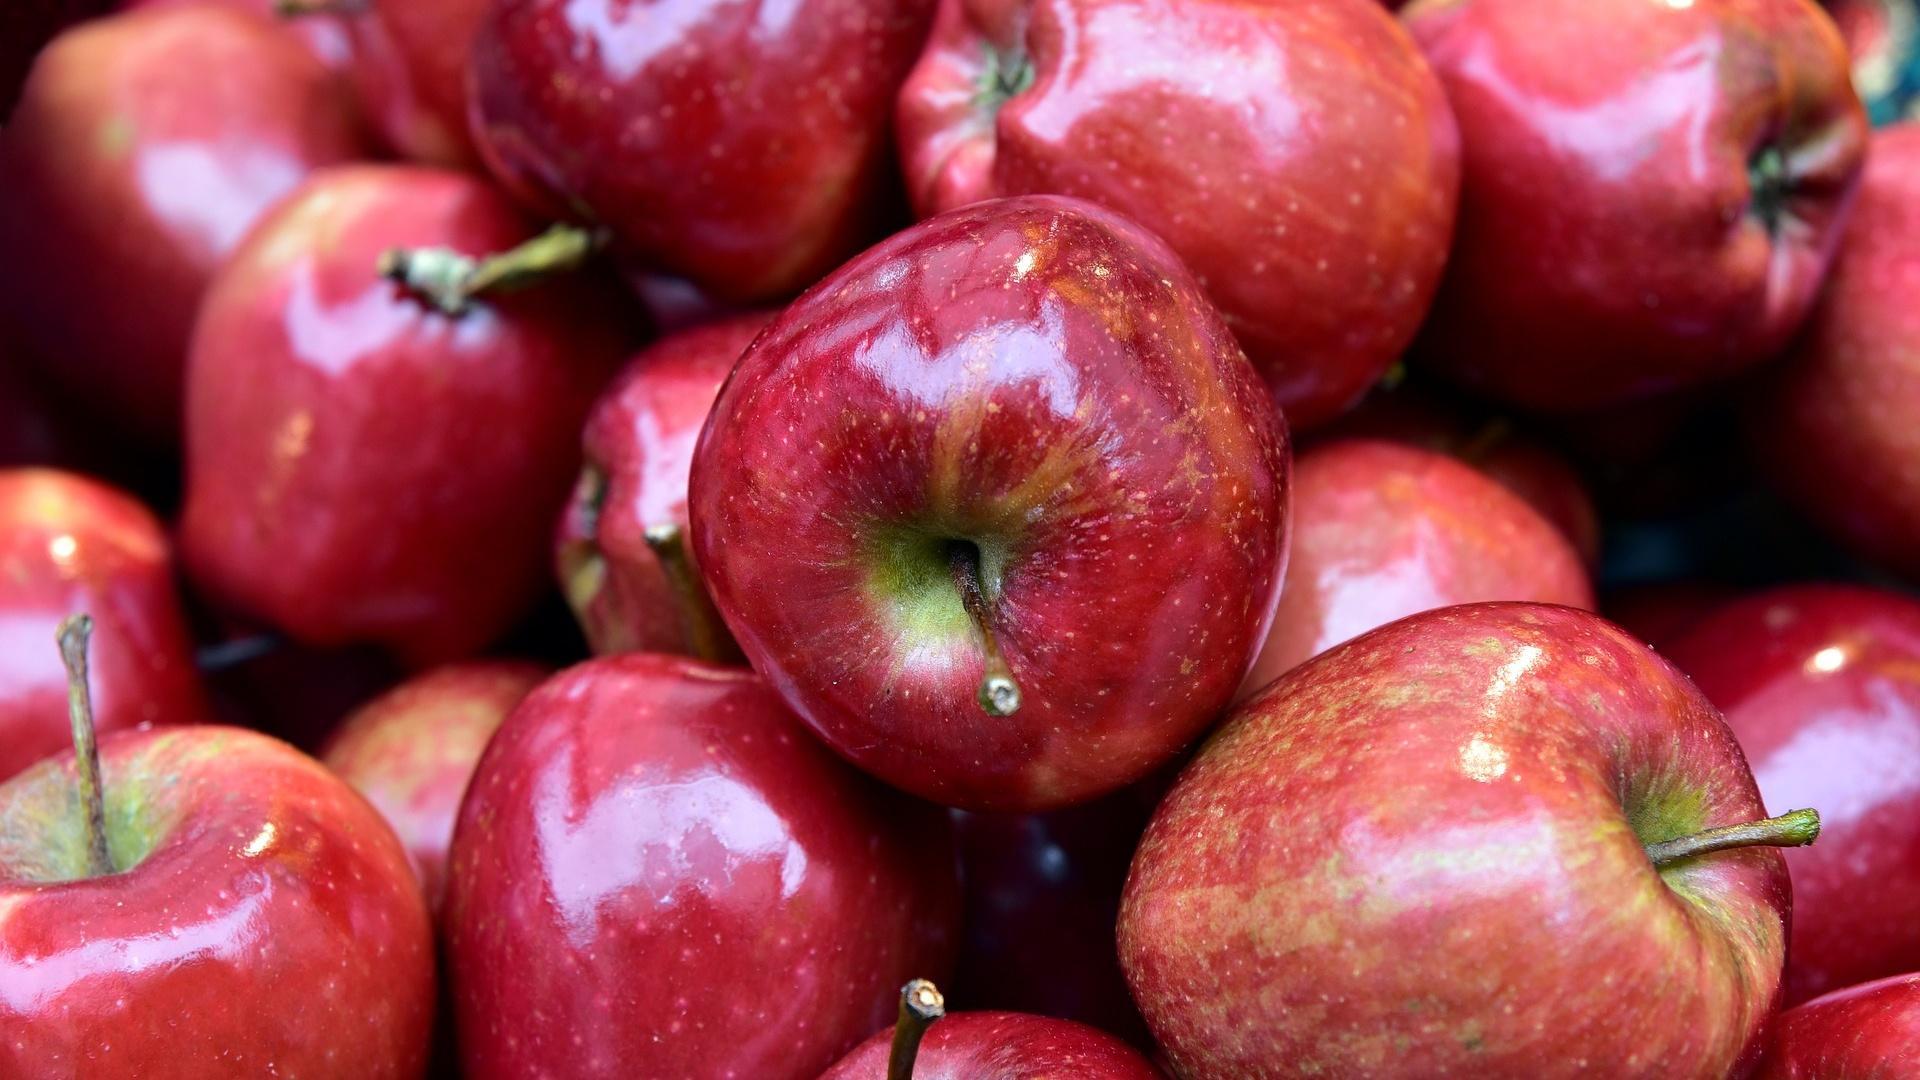 Wenn Sie am Abend Obst essen, nehmen Sie am besten etwas mit wenig Zucker wie Äpfel.